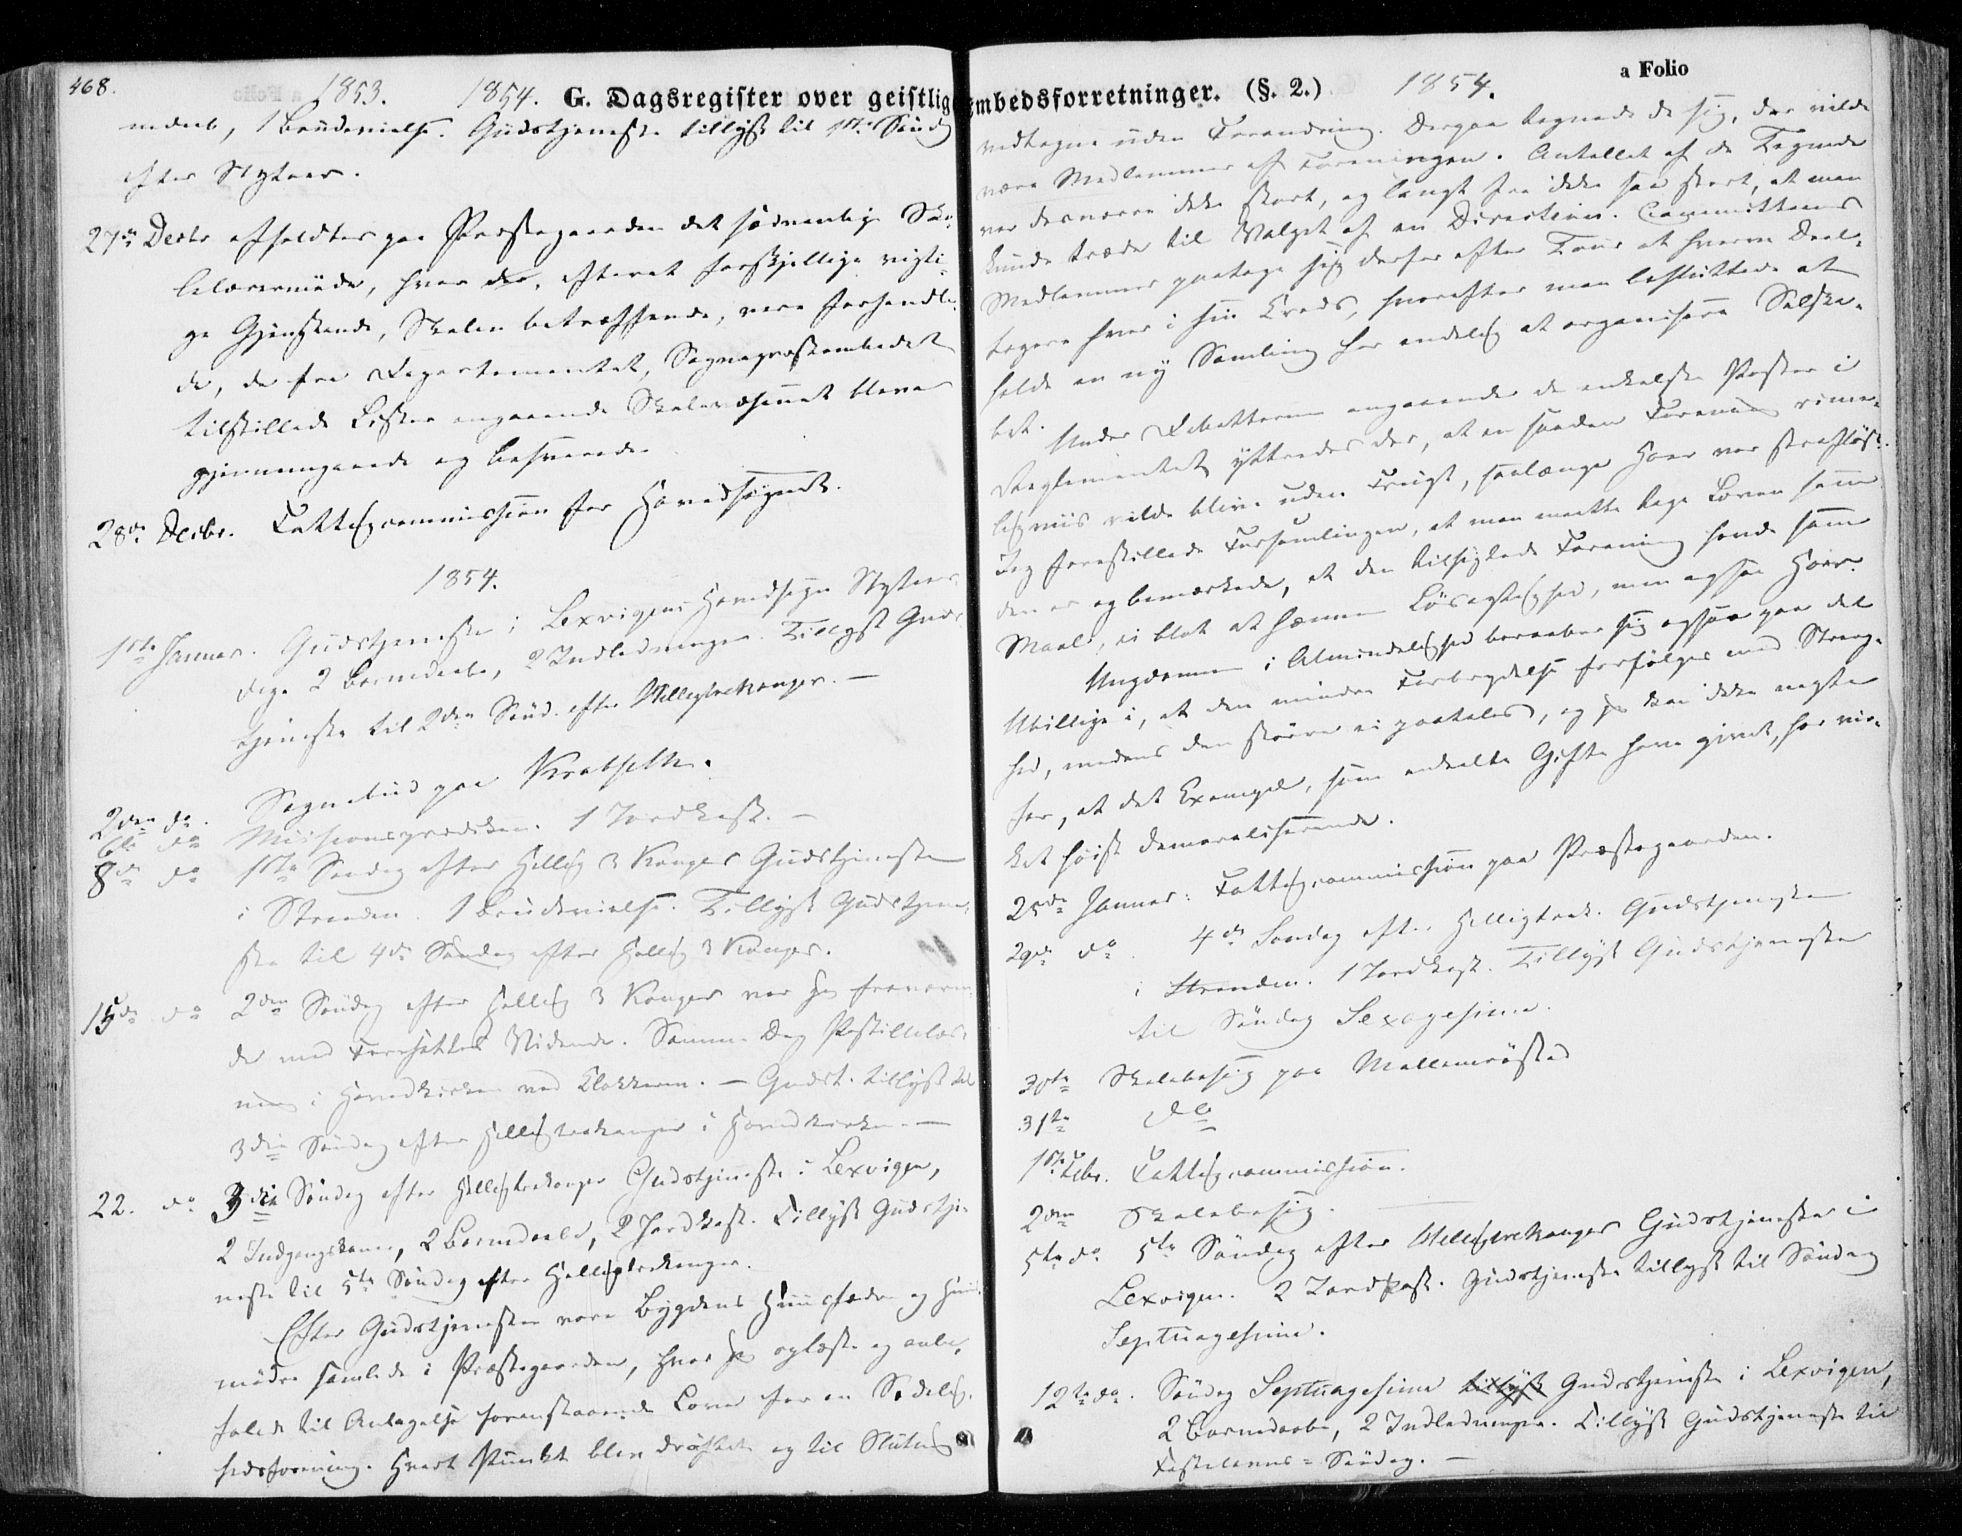 SAT, Ministerialprotokoller, klokkerbøker og fødselsregistre - Nord-Trøndelag, 701/L0007: Ministerialbok nr. 701A07 /1, 1842-1854, s. 468